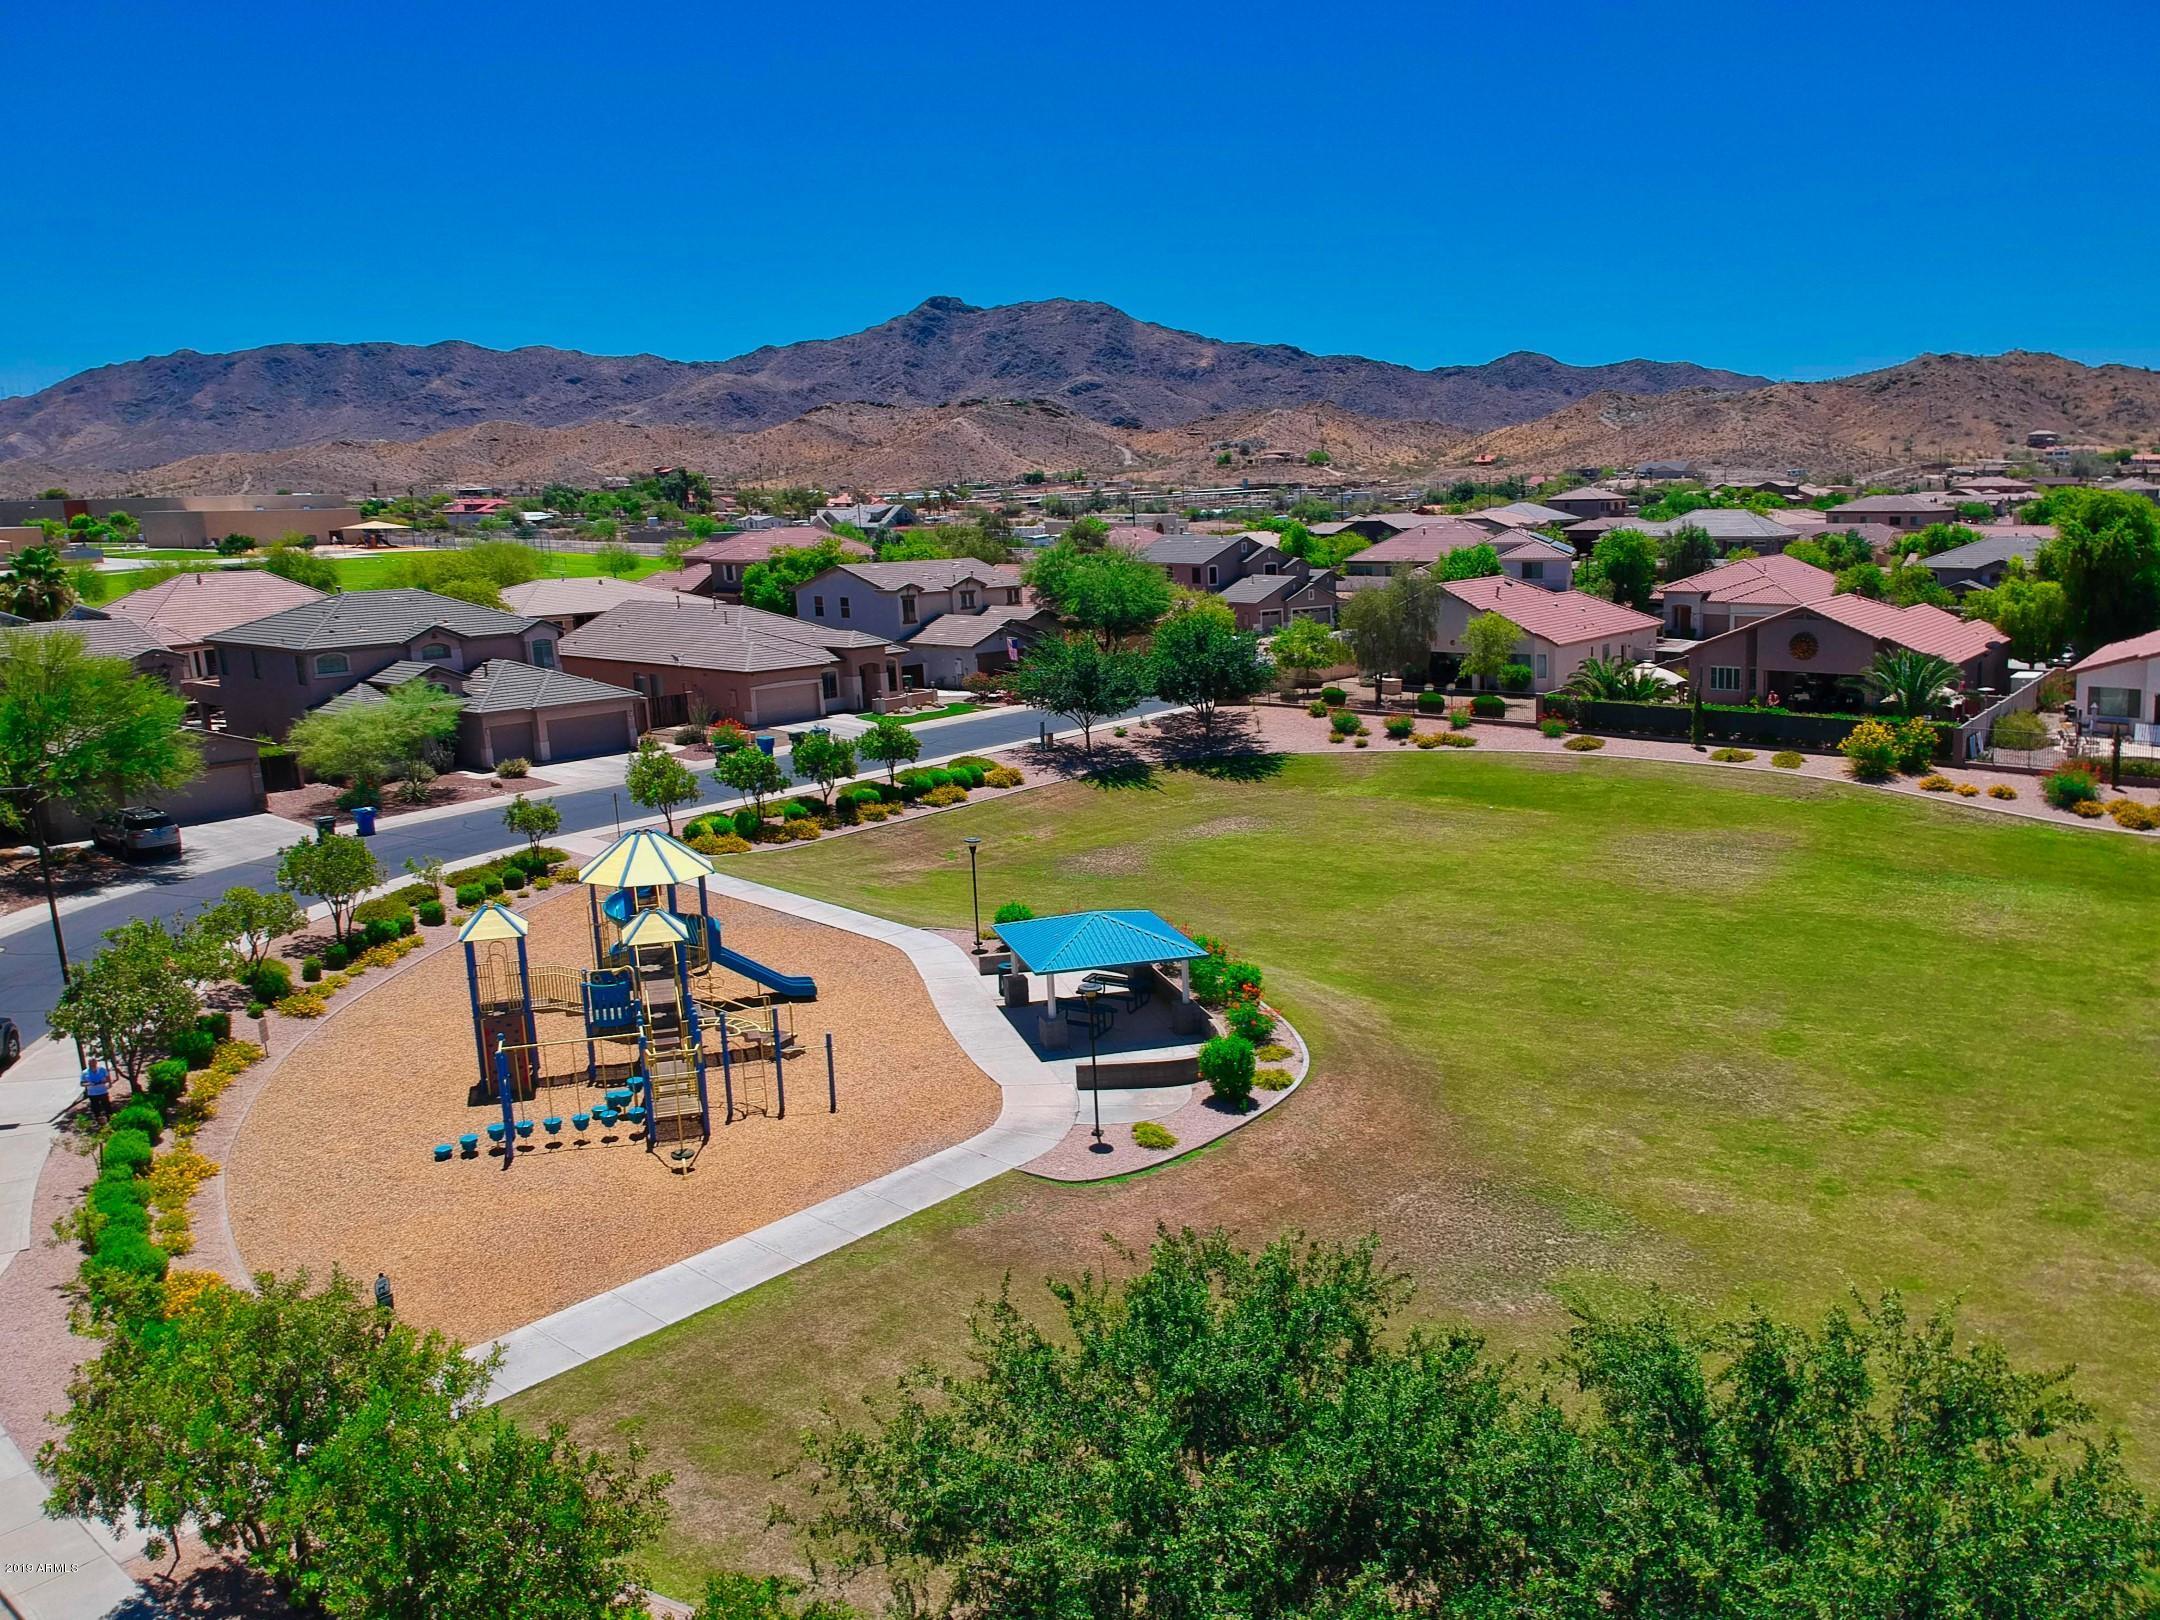 MLS 5945808 9717 S 43RD Lane, Laveen, AZ 85339 Laveen AZ Private Pool